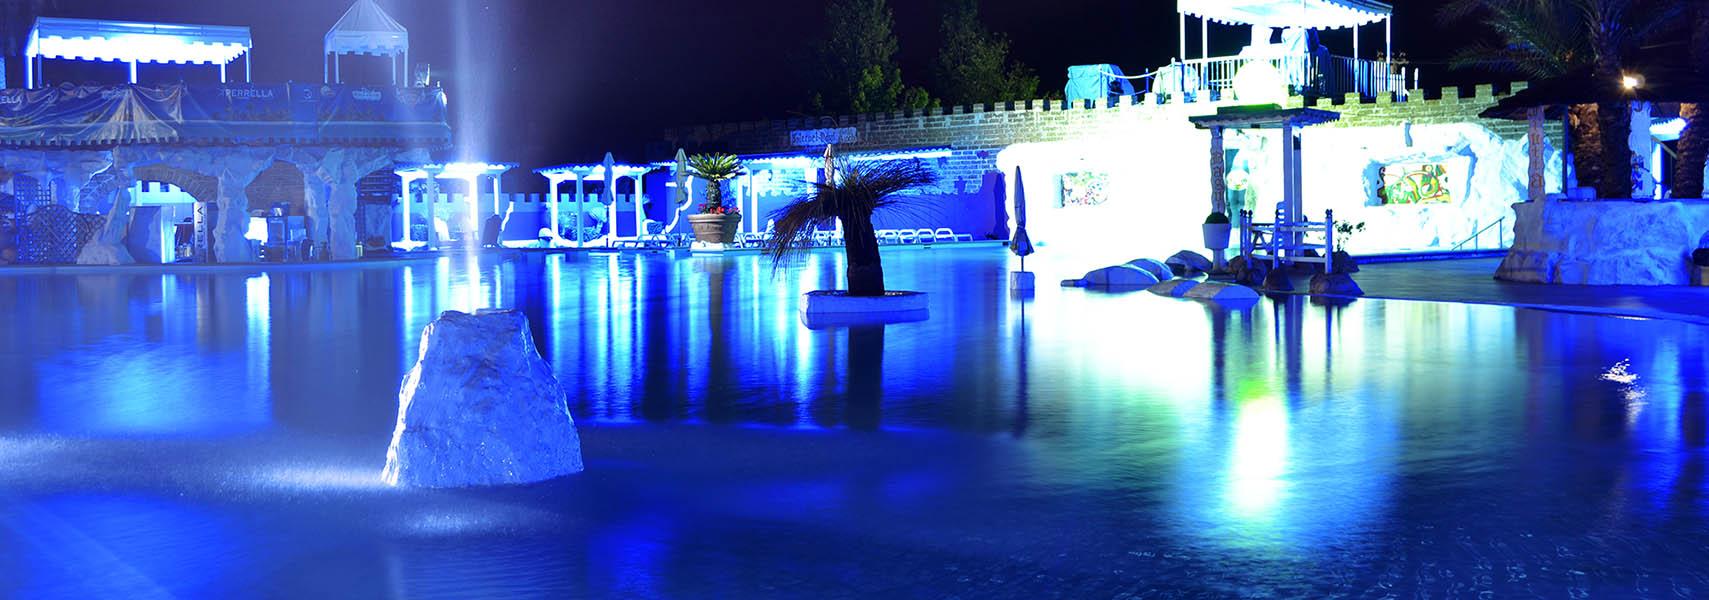 piscina-notte-feudo-benevento